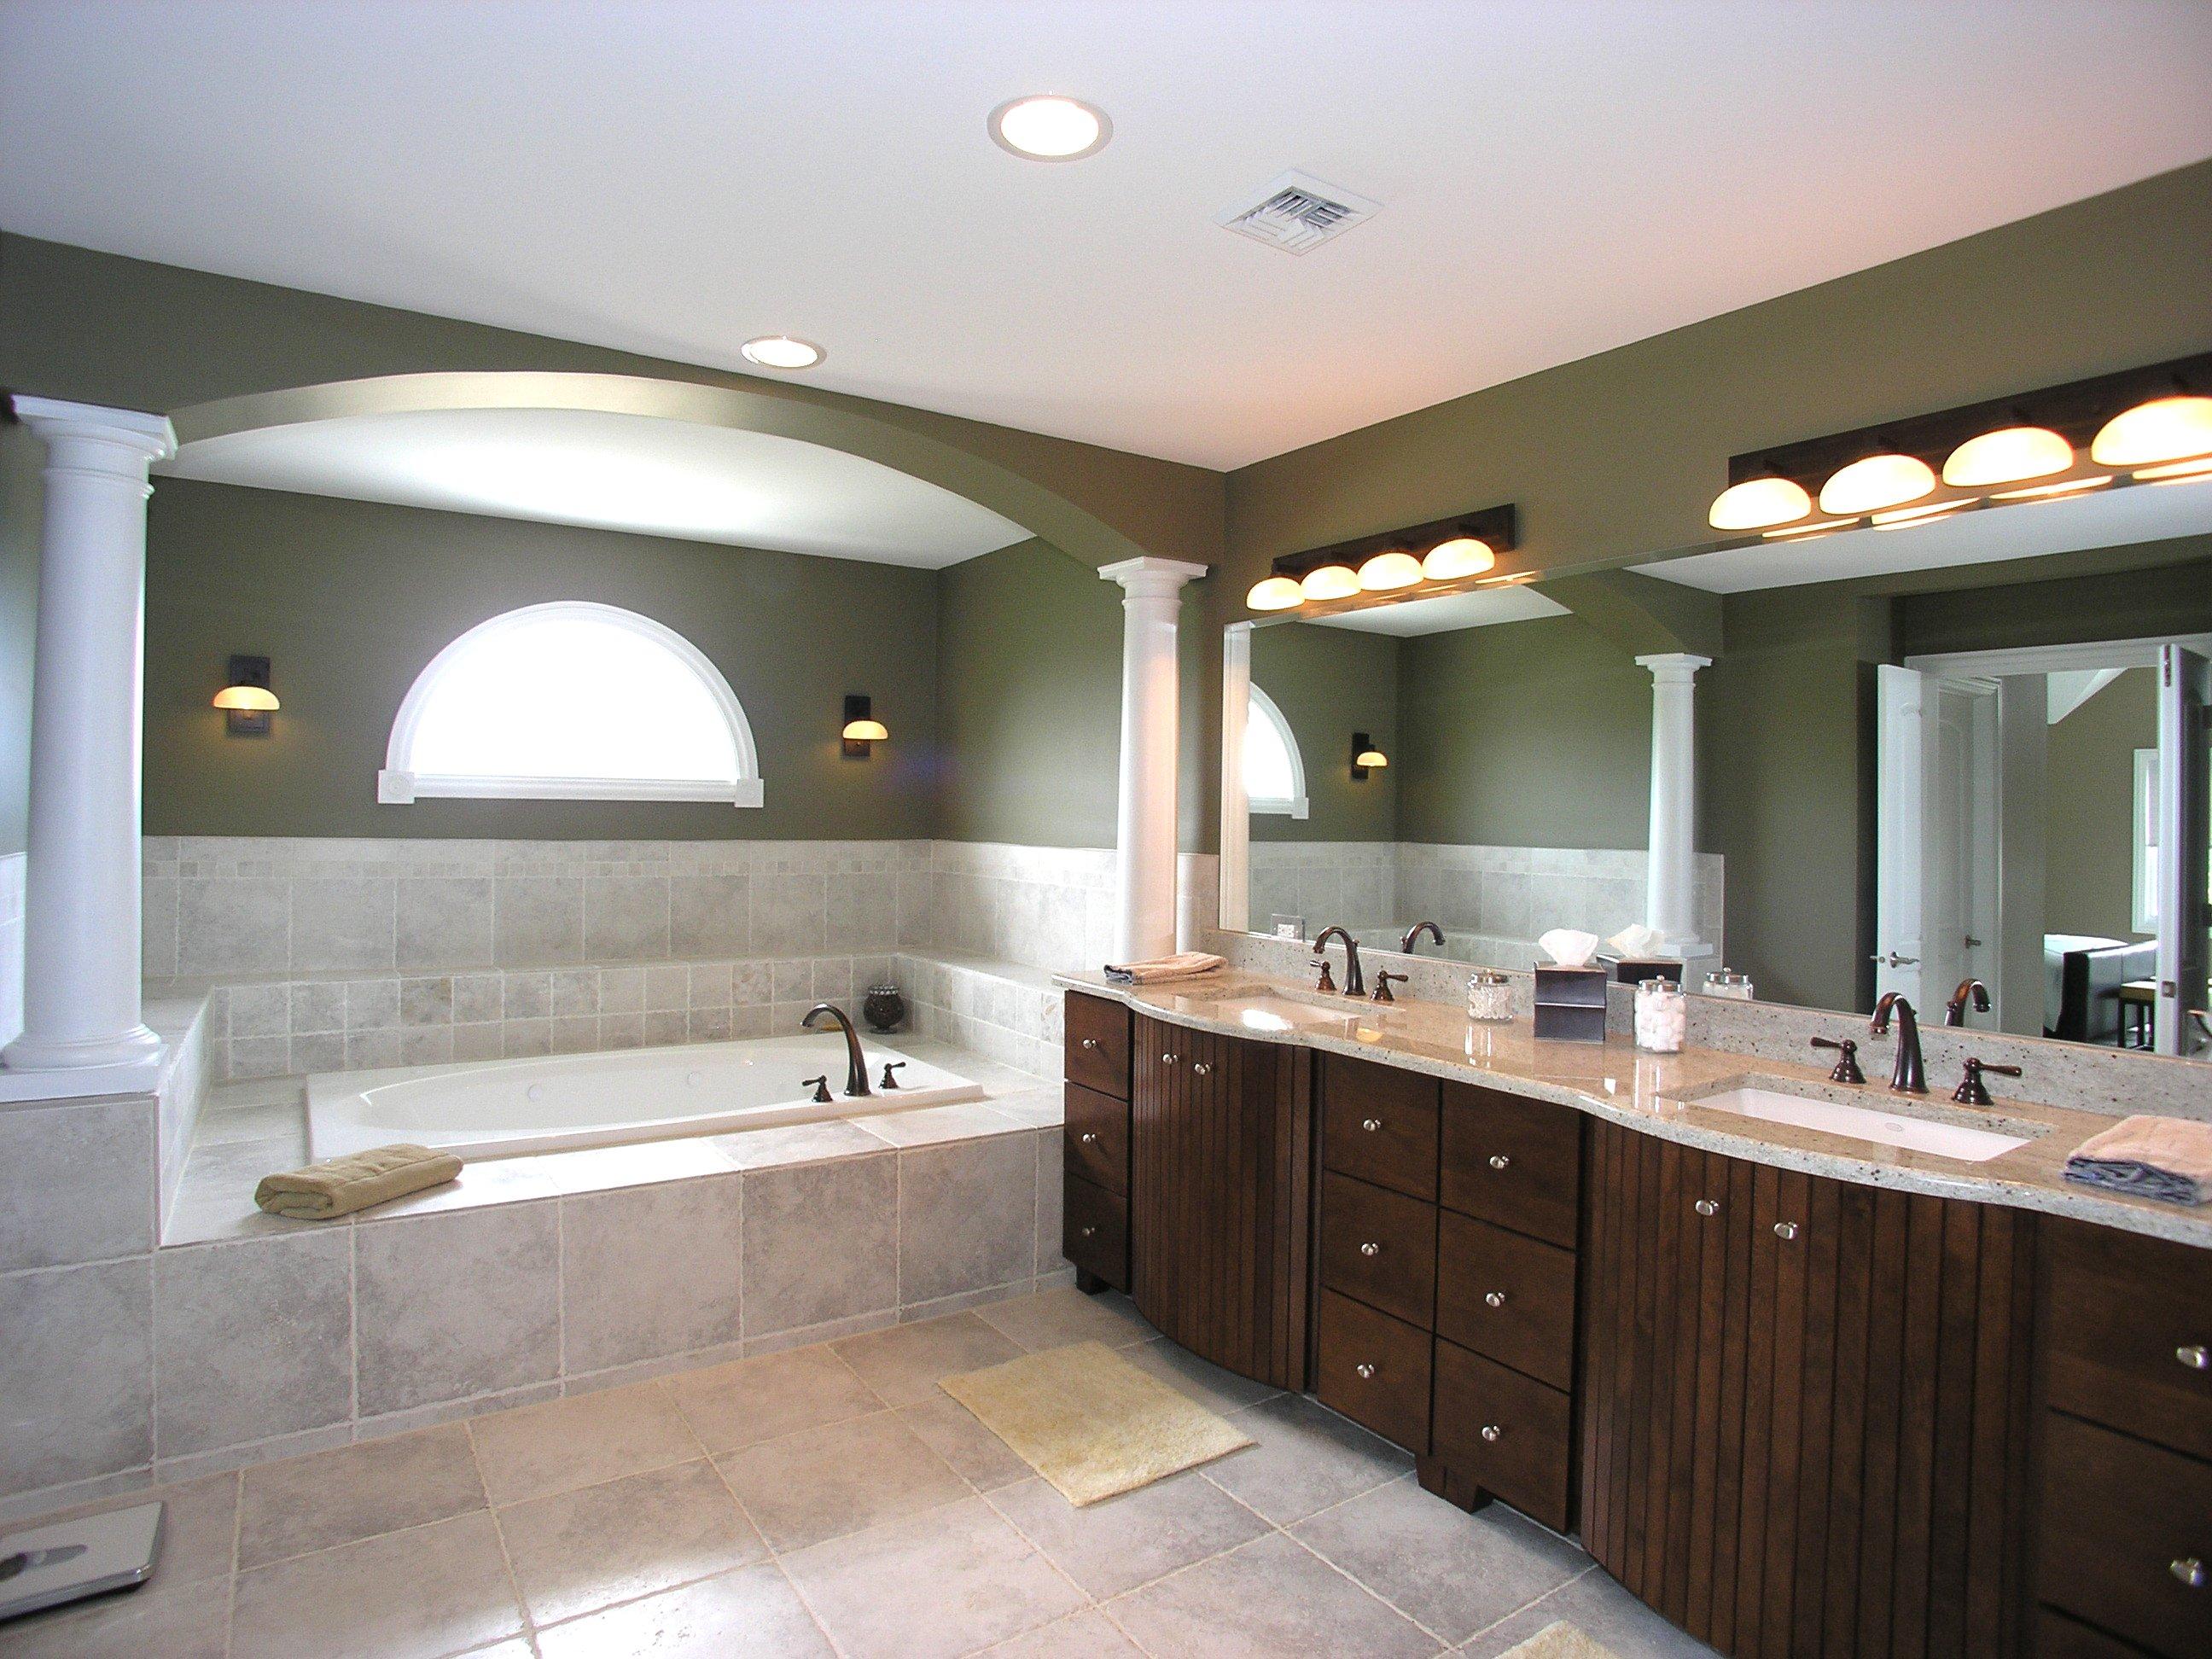 Badezimmer Beleuchtung mit LED-Einbauleucten